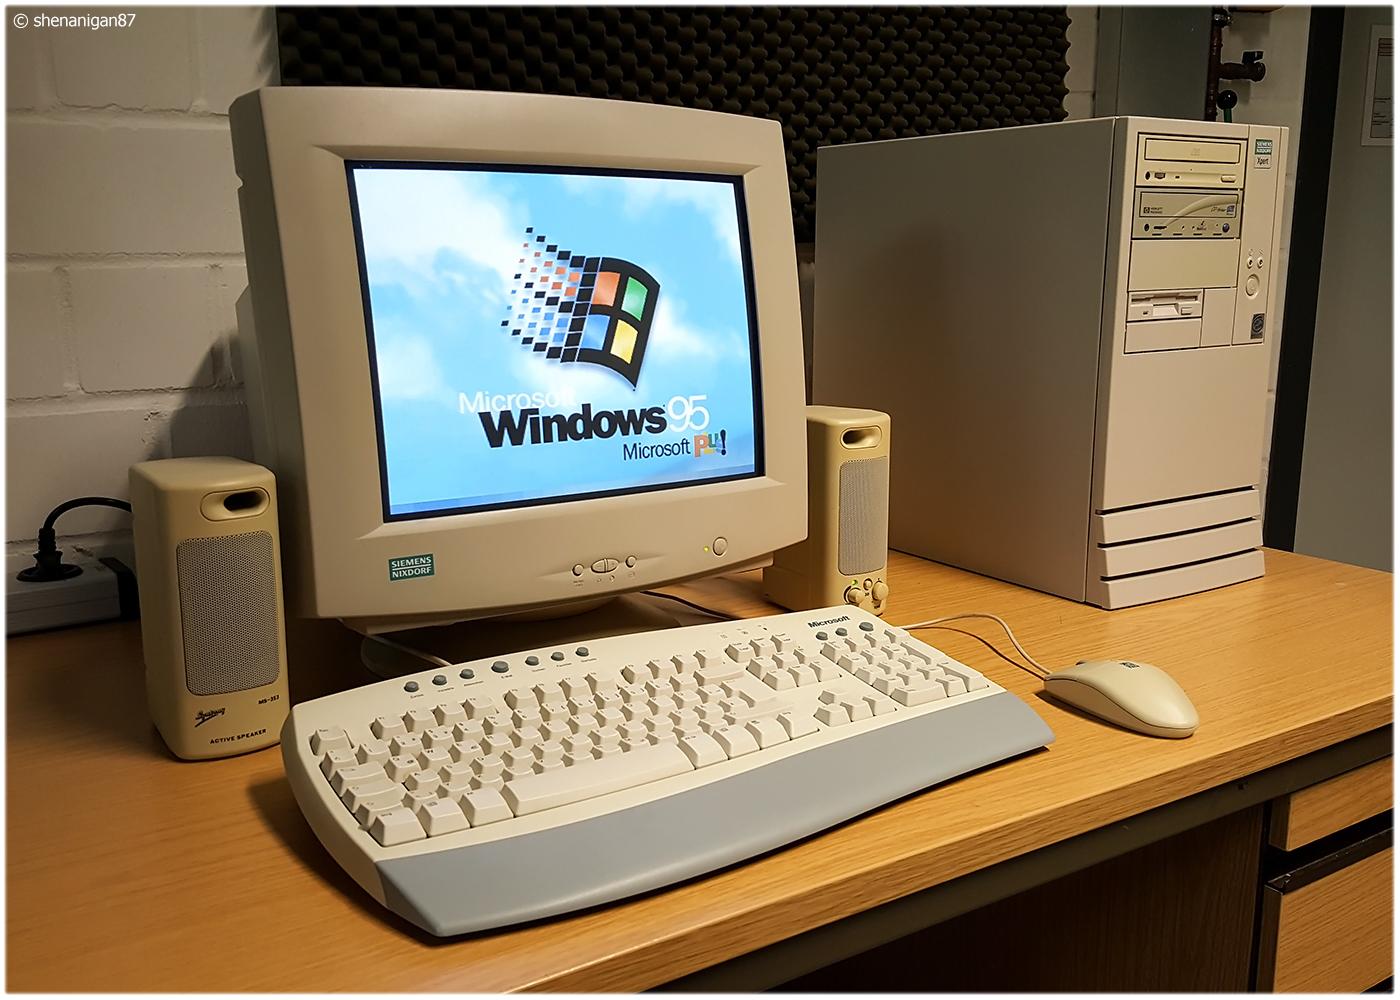 Prime équipement informatique rentrée 2020  - Page 13 Ddfx0fr-b584f8ad-9ea2-4264-853b-ec231a3ad7f1.jpg?token=eyJ0eXAiOiJKV1QiLCJhbGciOiJIUzI1NiJ9.eyJzdWIiOiJ1cm46YXBwOiIsImlzcyI6InVybjphcHA6Iiwib2JqIjpbW3sicGF0aCI6IlwvZlwvM2QyY2RjMDctMWU2Ni00NmE2LWJlNmUtMjI1NTIxM2Y0NWE0XC9kZGZ4MGZyLWI1ODRmOGFkLTllYTItNDI2NC04NTNiLWVjMjMxYTNhZDdmMS5qcGcifV1dLCJhdWQiOlsidXJuOnNlcnZpY2U6ZmlsZS5kb3dubG9hZCJdfQ